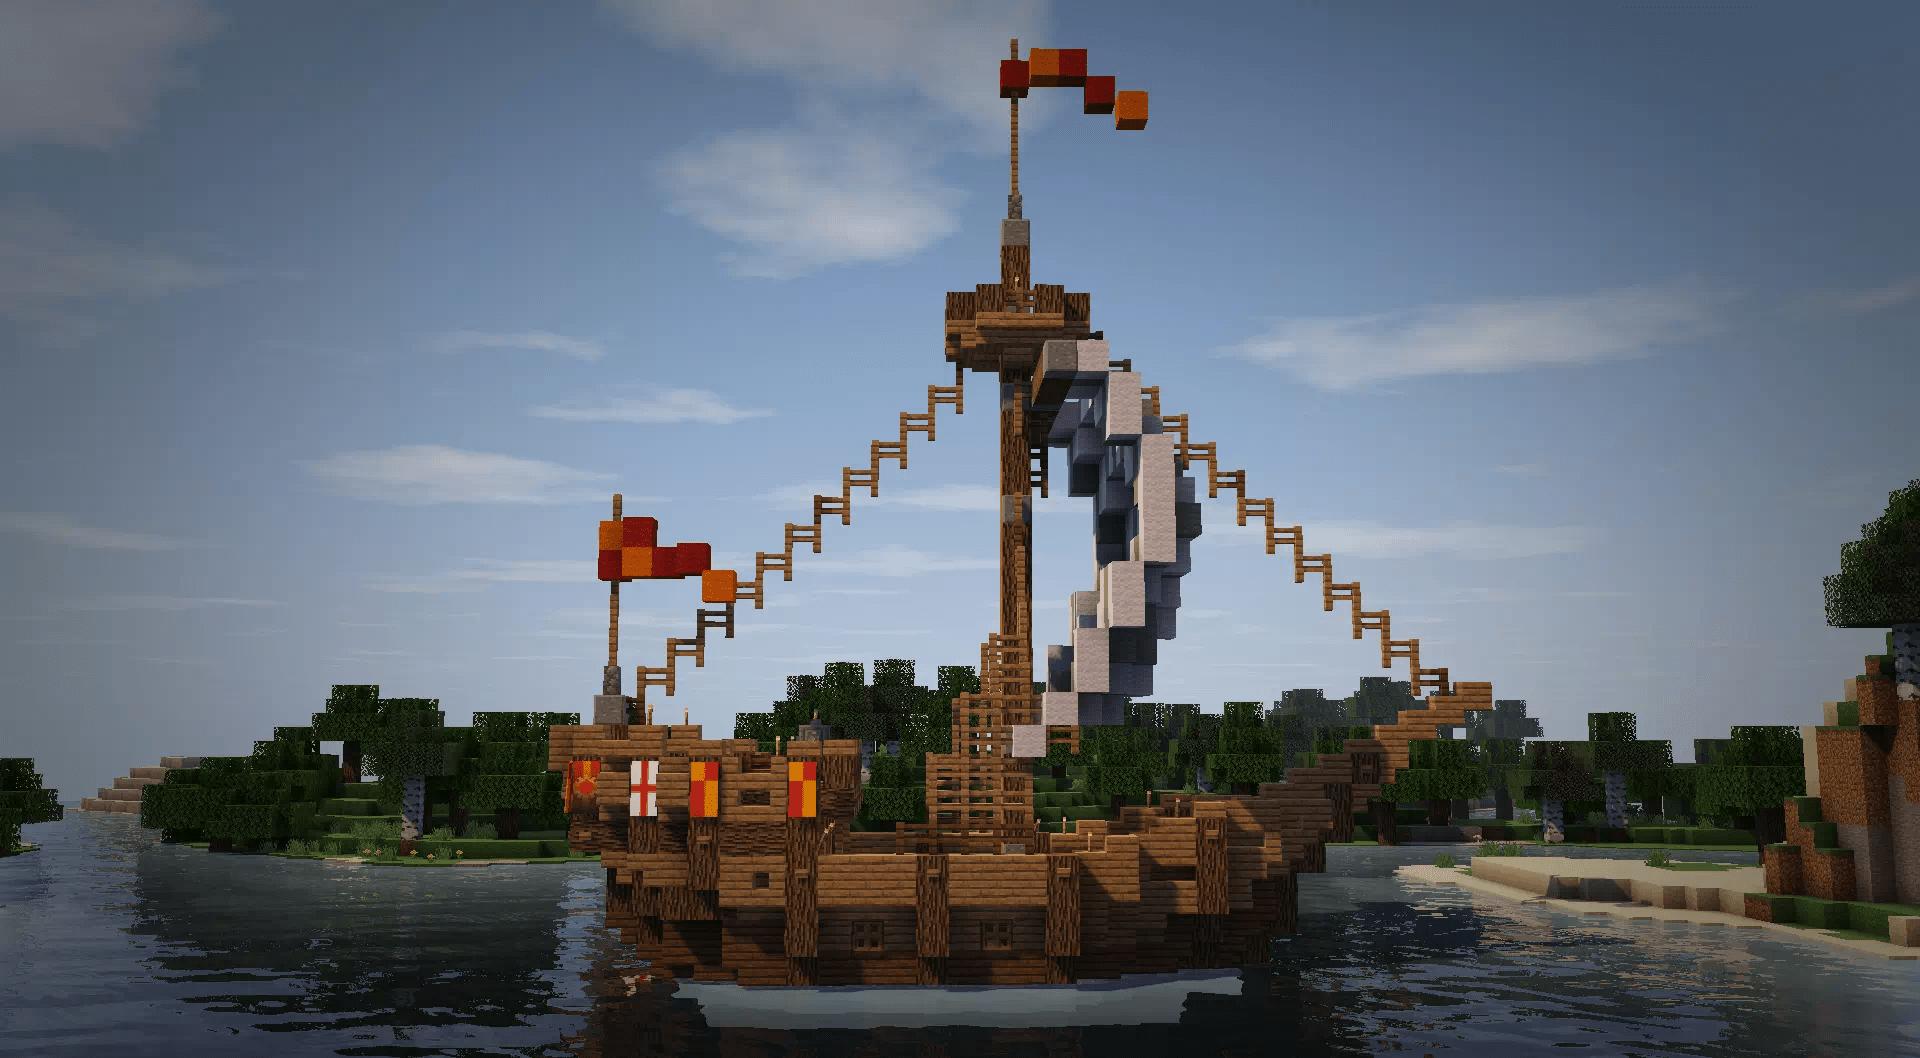 Il relitto, una nave mezza affondata magari, come avrei potuto non includerla in questa lista delle cose da costruire su Minecraft quando si è annoiati.